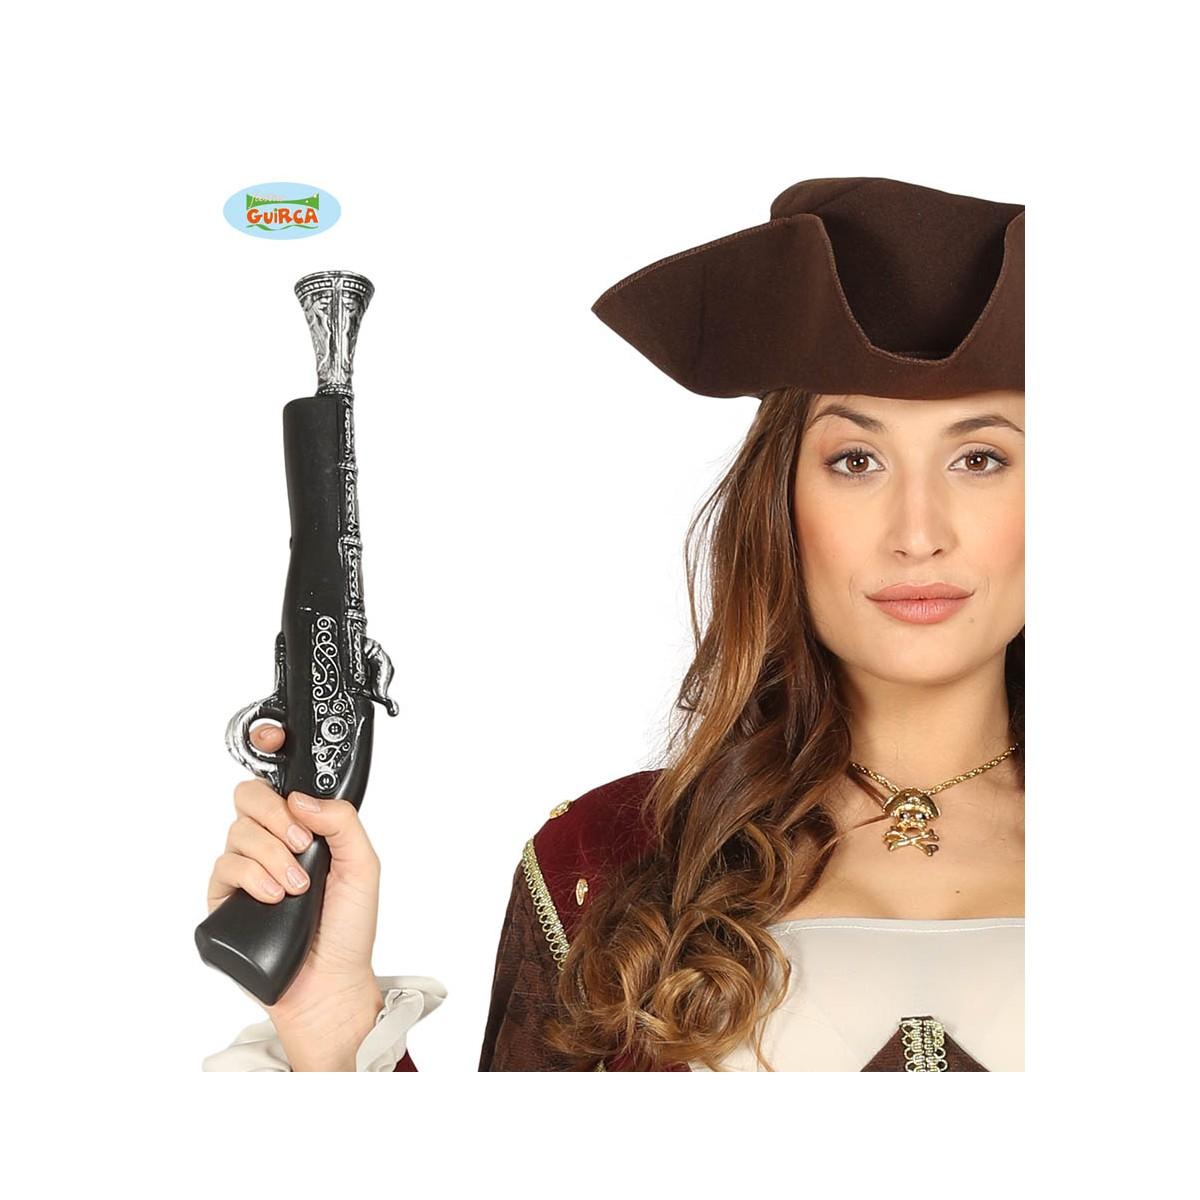 Pistola pirata 42cm